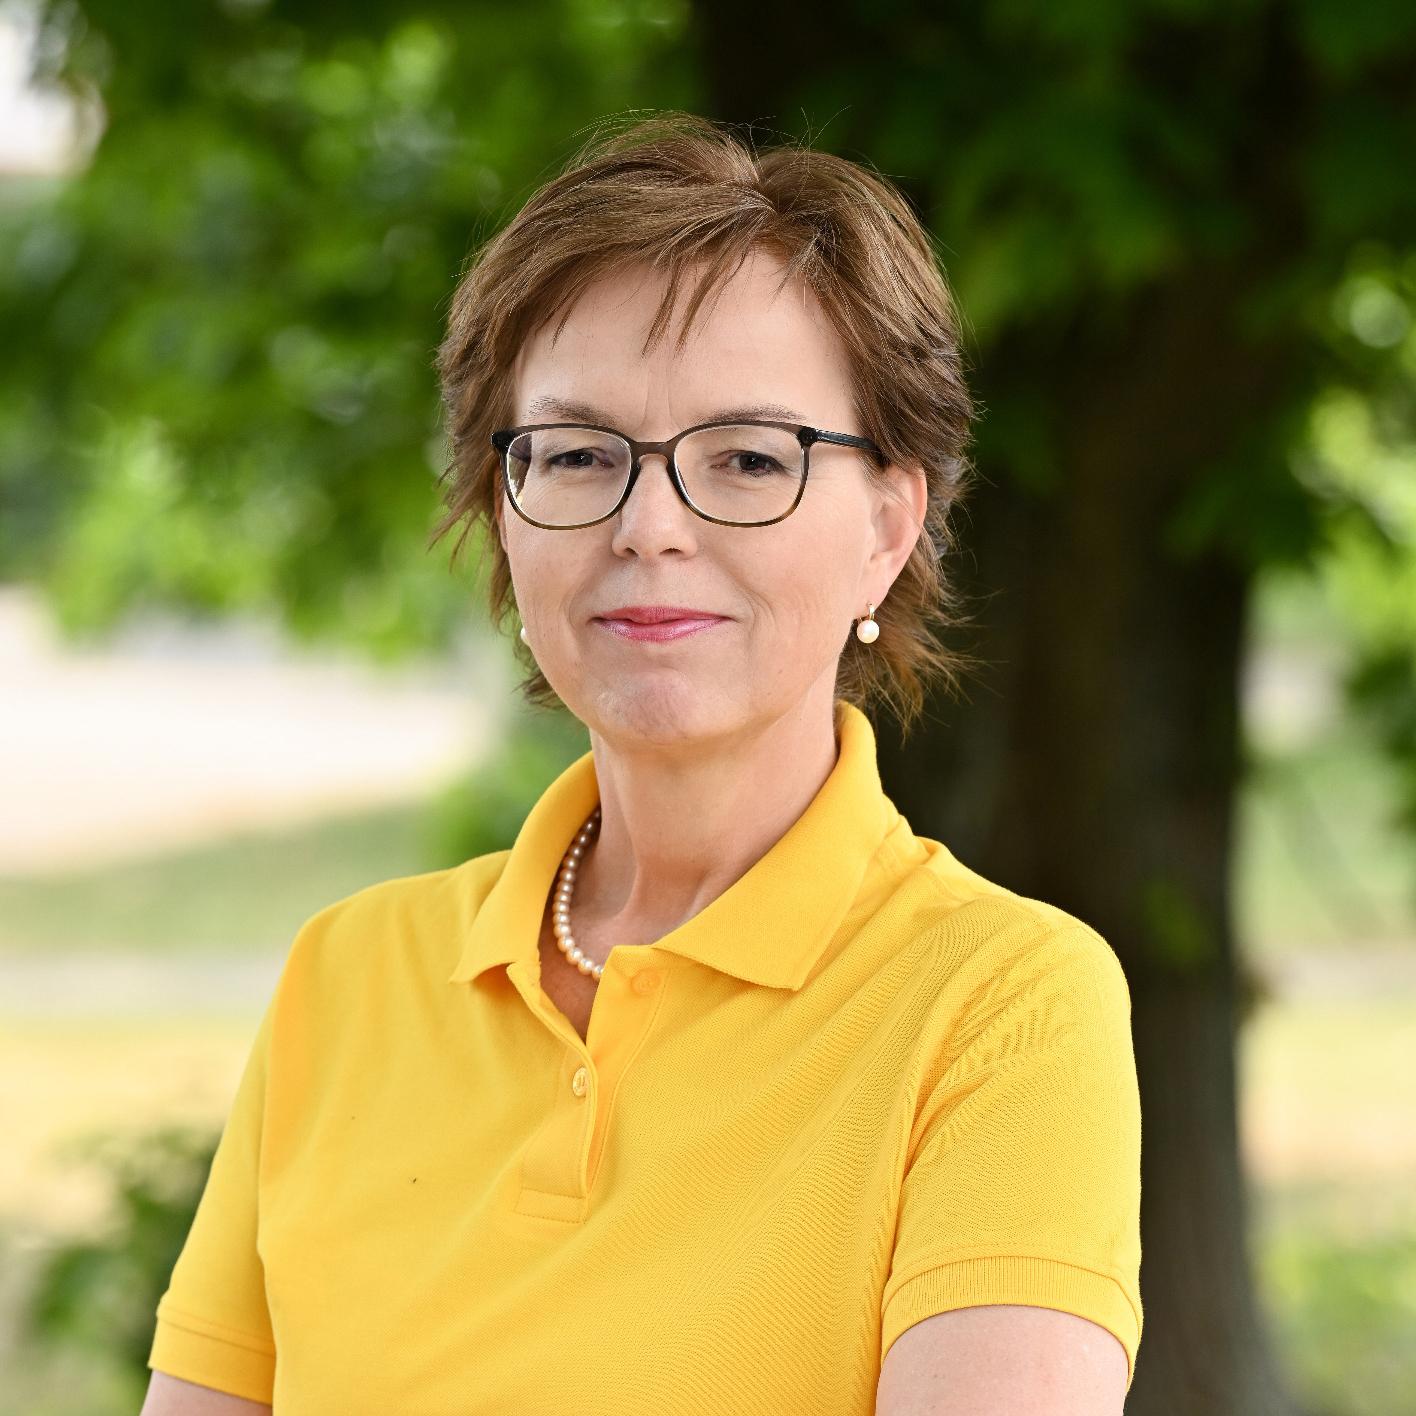 Unsere Kandidatin für den Bundestag: